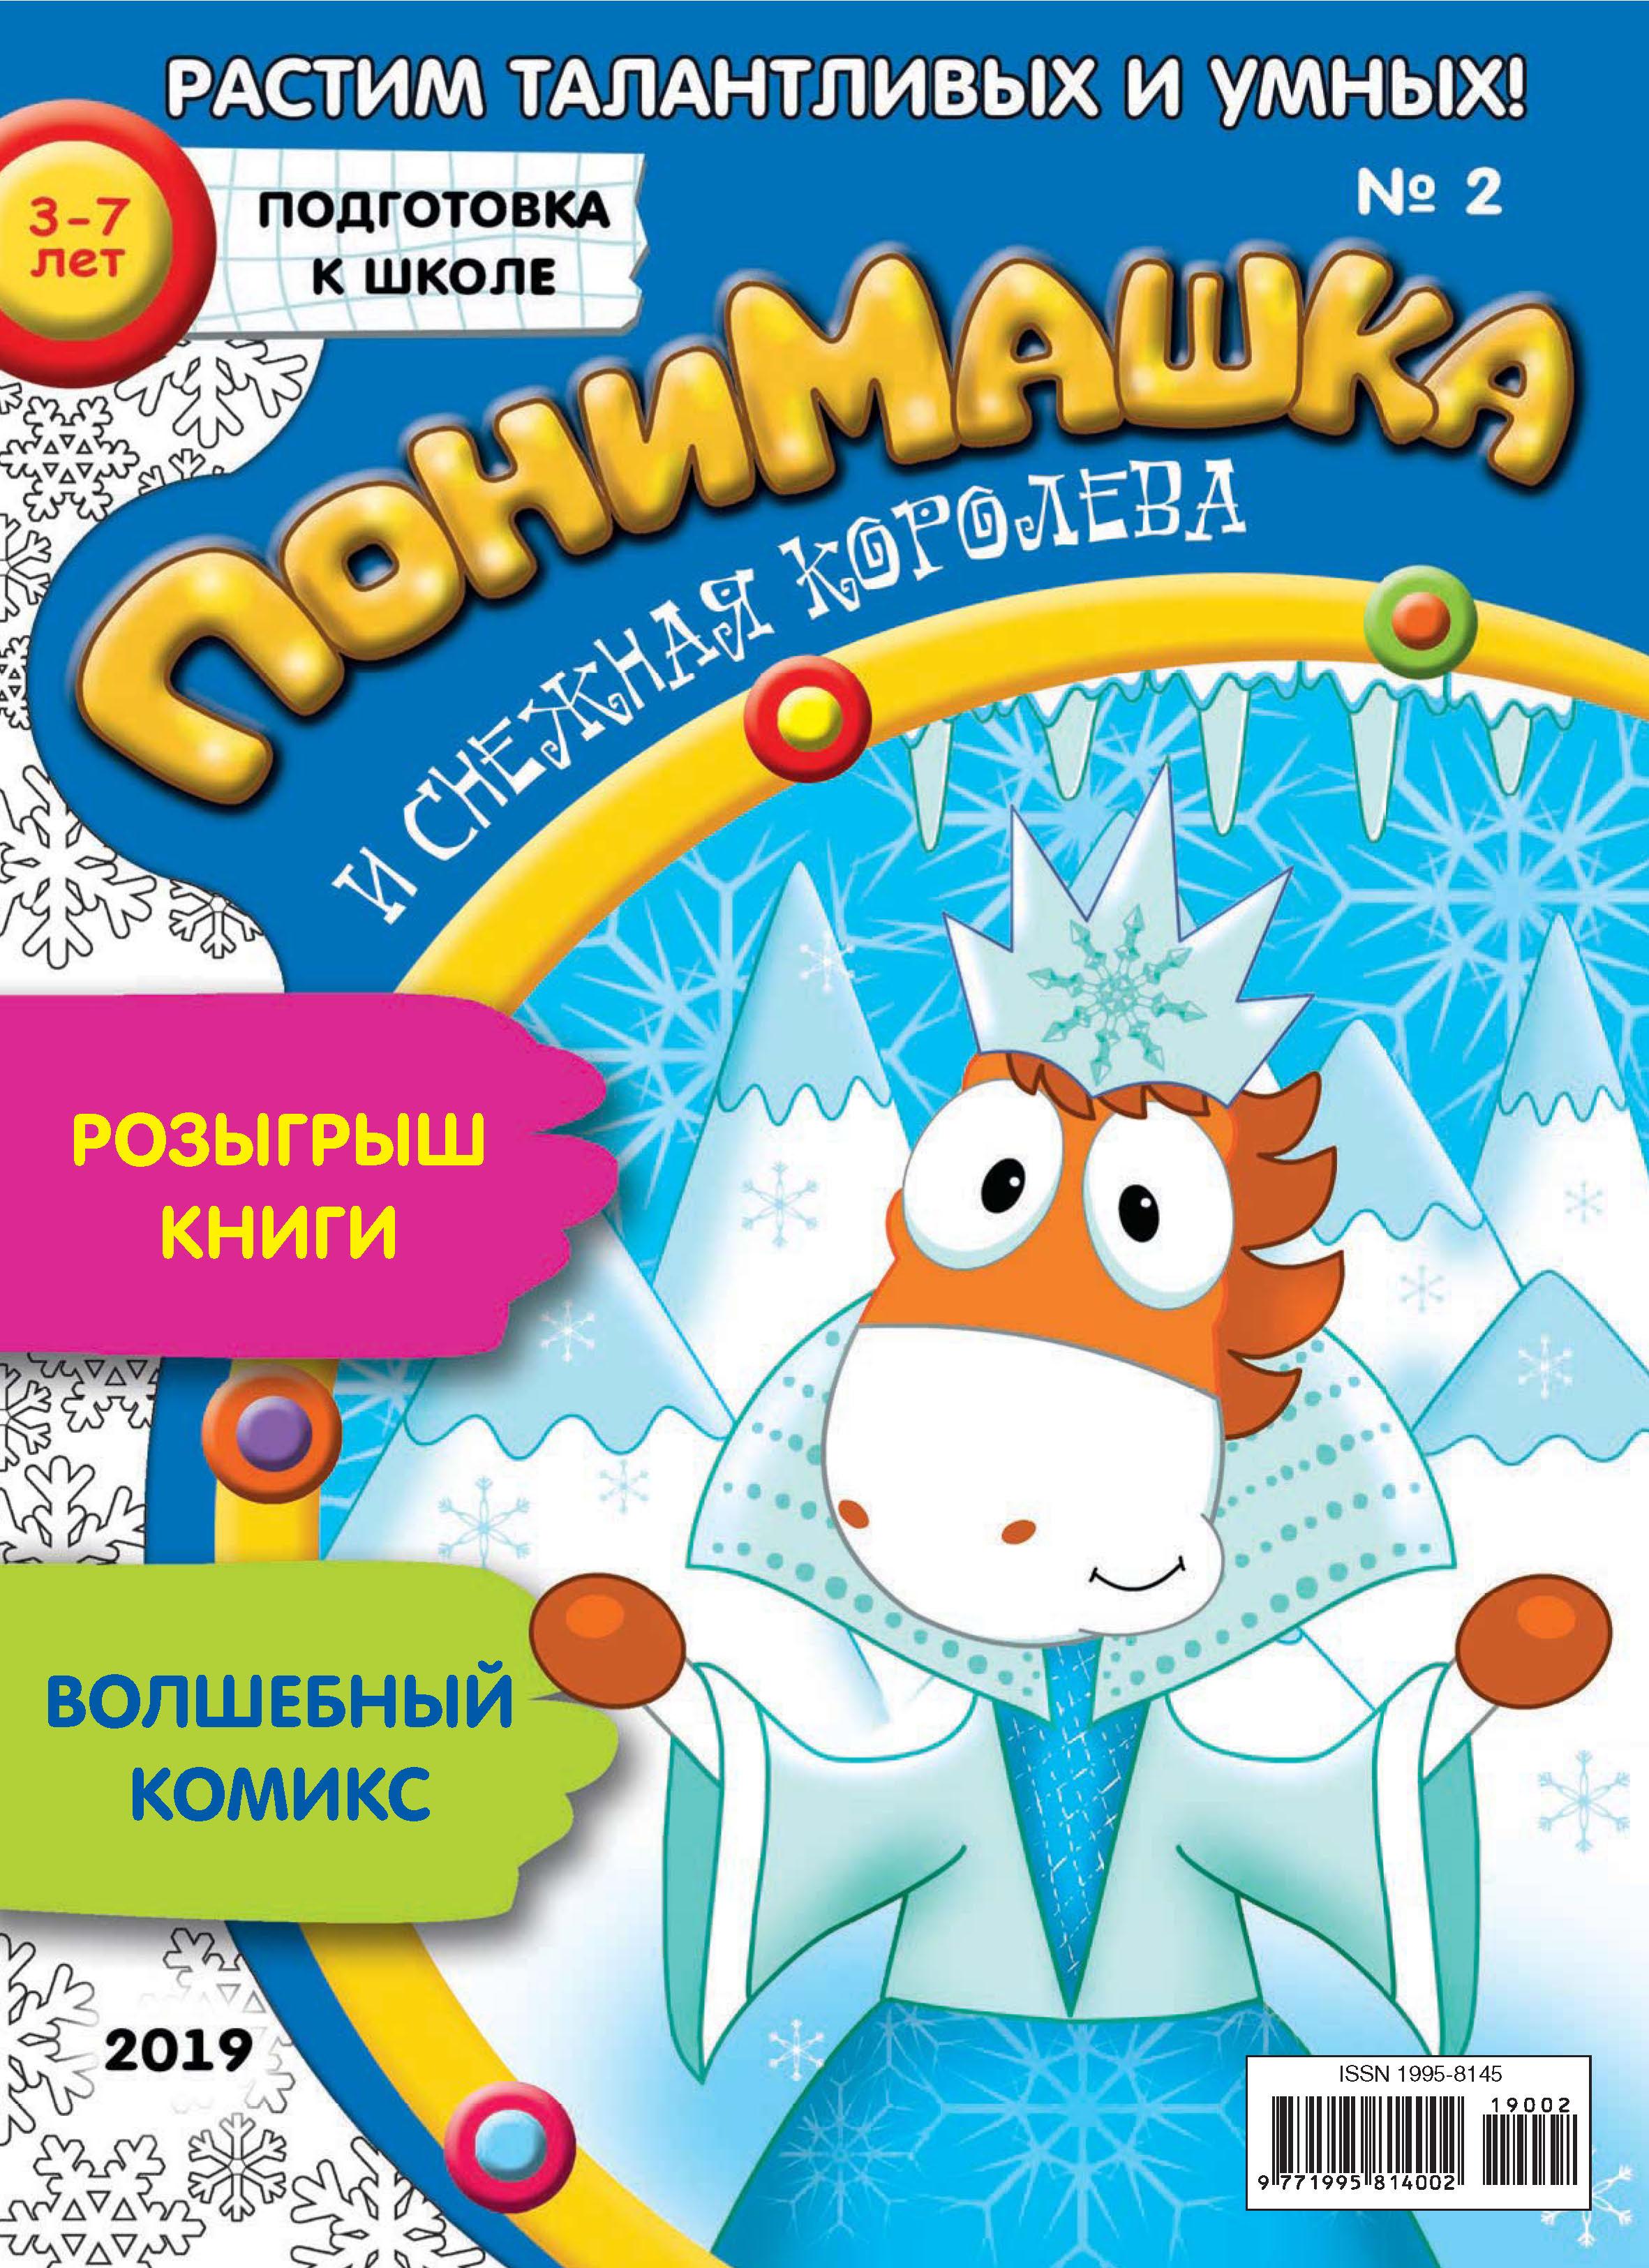 ПониМашка. Развлекательно-развивающий журнал. №02/2019